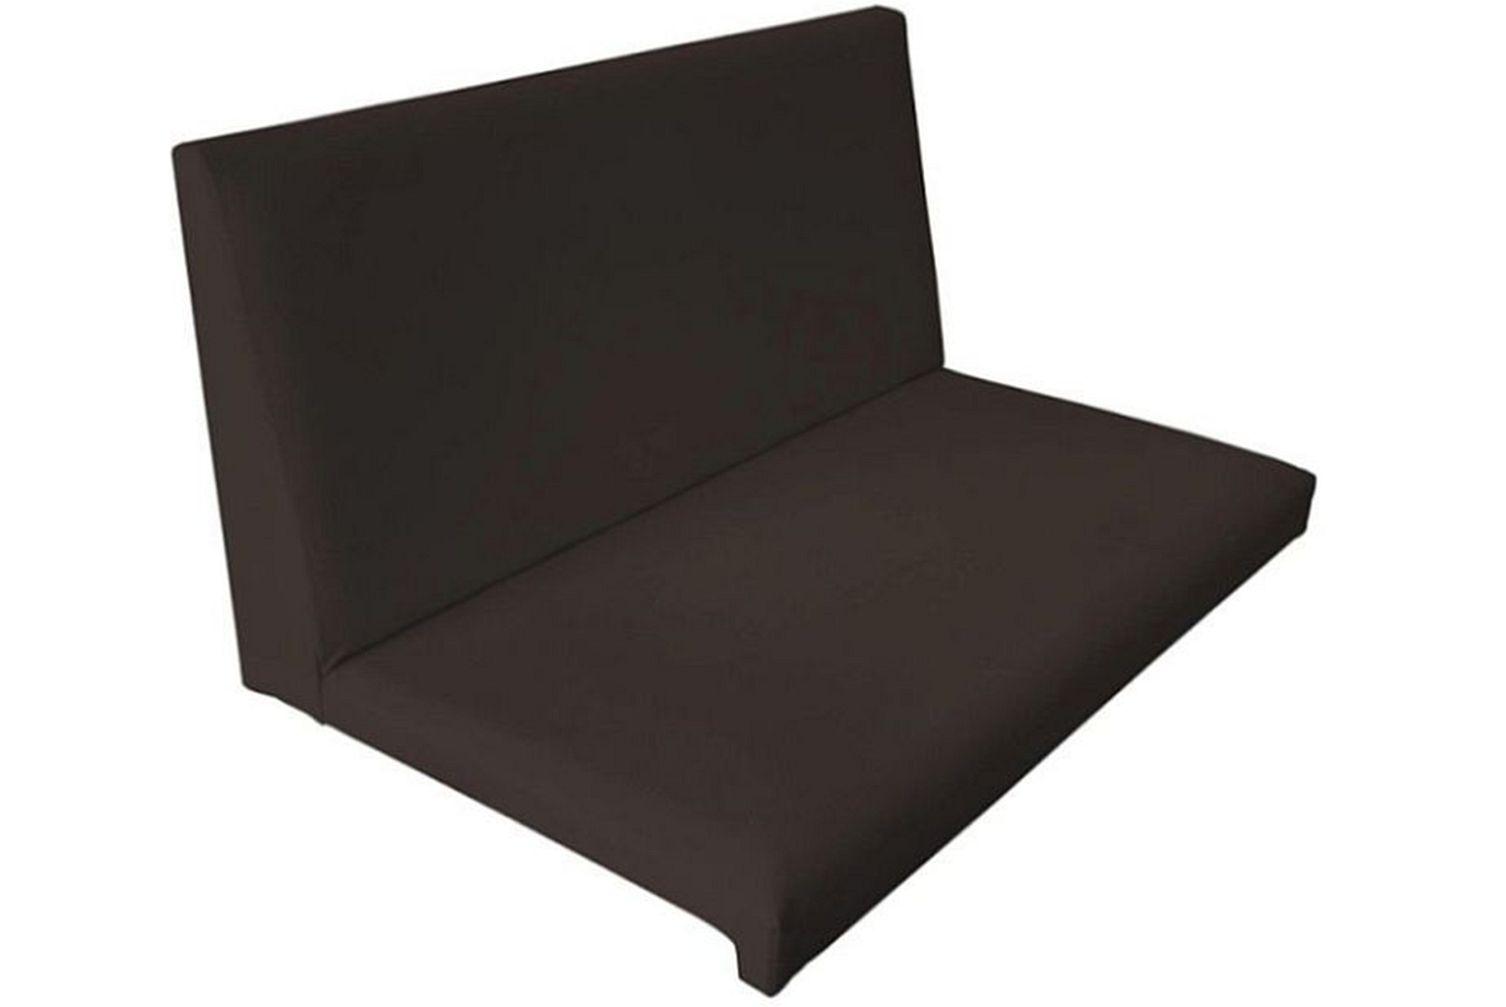 kissen mit r ckenlehne klemmkissen sitzkissen kissen bankkissen sitzbankkissen ebay. Black Bedroom Furniture Sets. Home Design Ideas